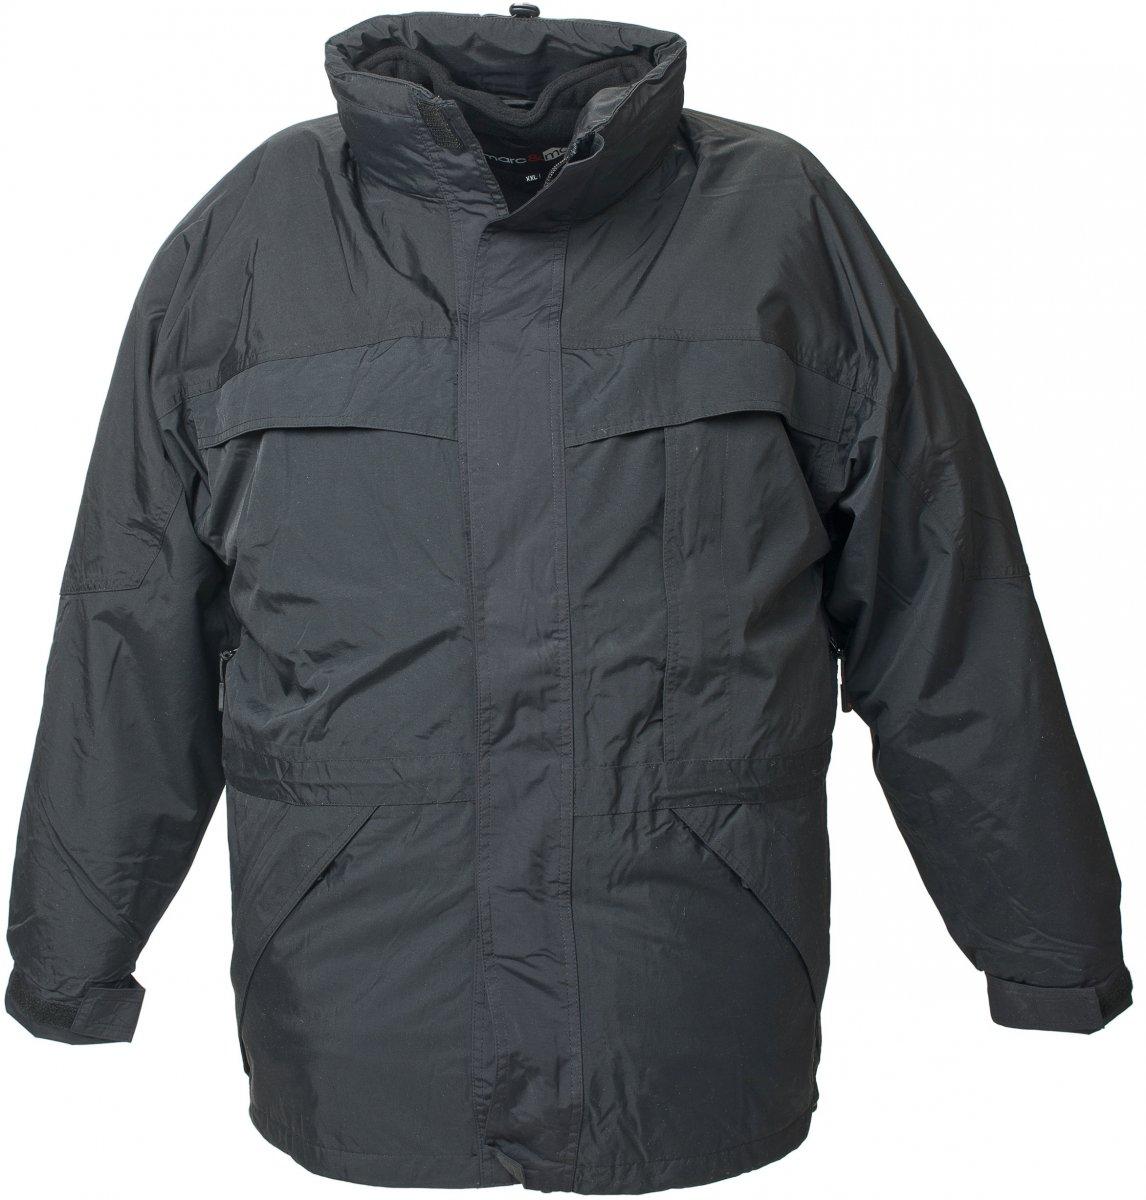 781dae98bd1e Marc & Mark 2-layer Skidjacka Svart - Arbetskläder, Regn- och skidkläder ...